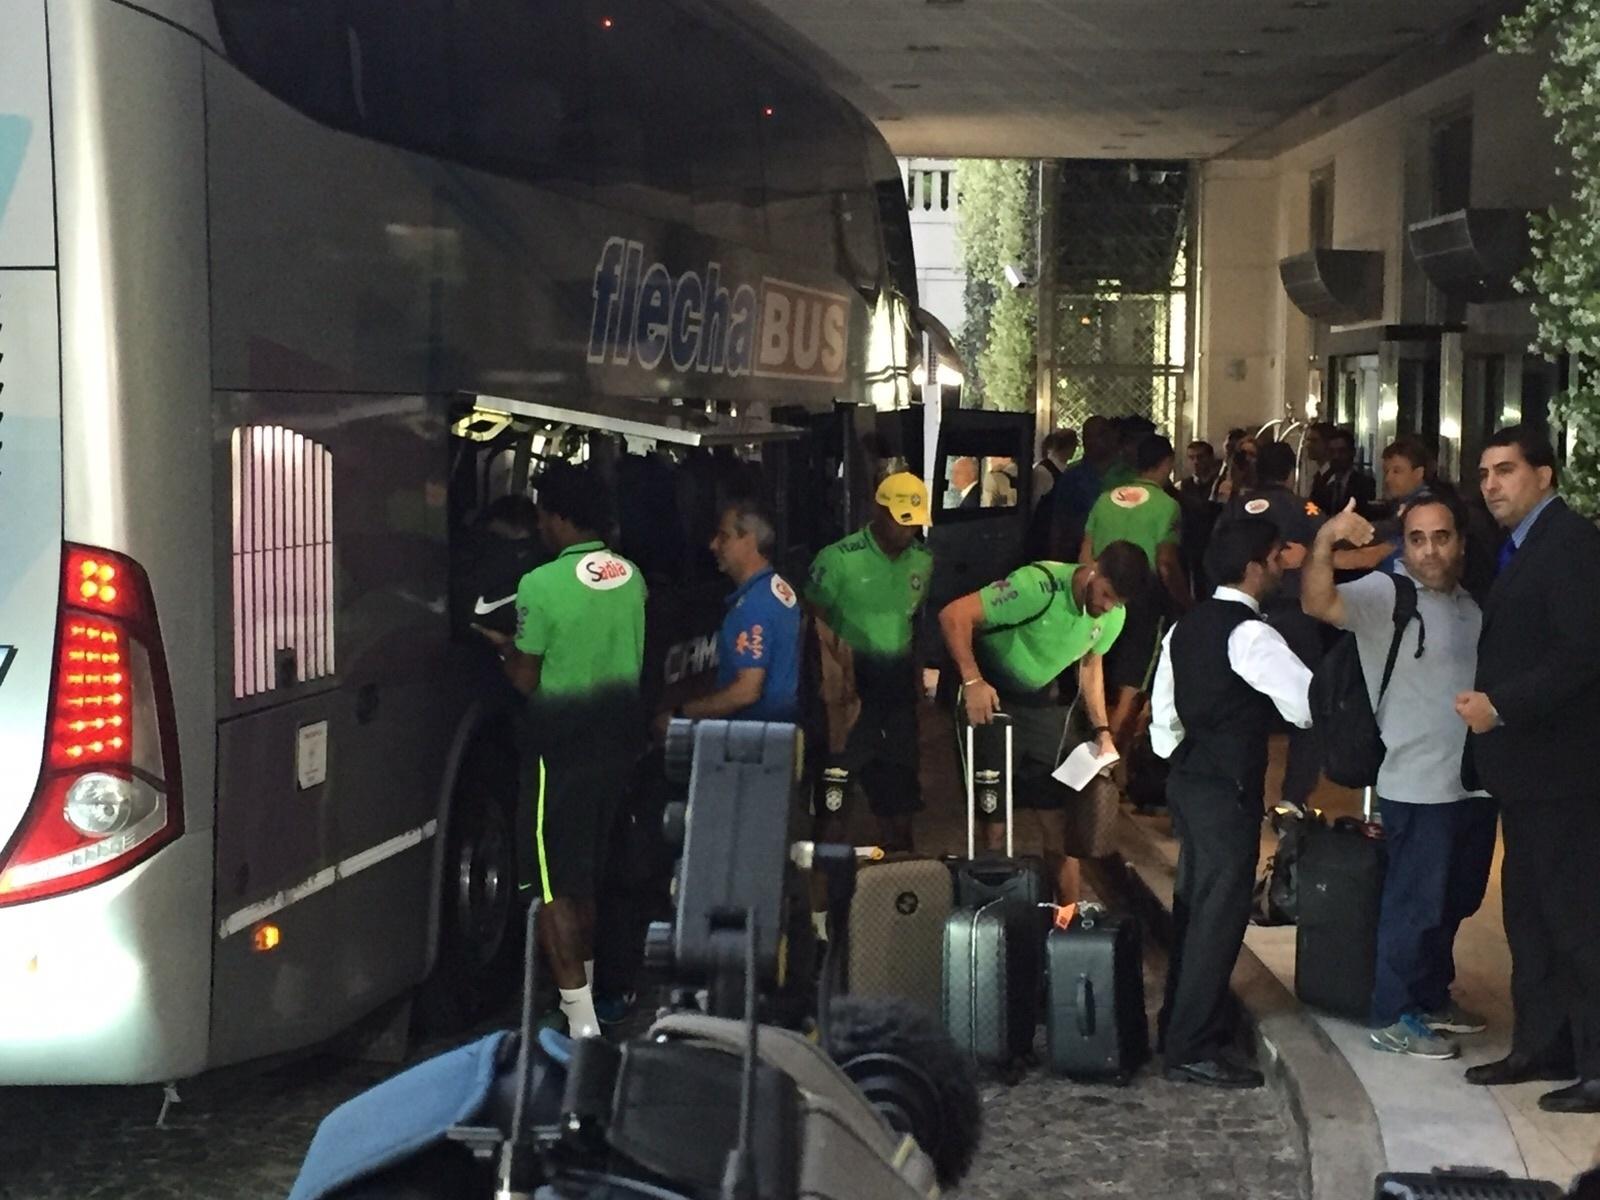 Seleção brasileira desembarca no hotel em Buenos Aires, onde enfrenta a Argentina, pelas Eliminatórias da Copa do Mundo